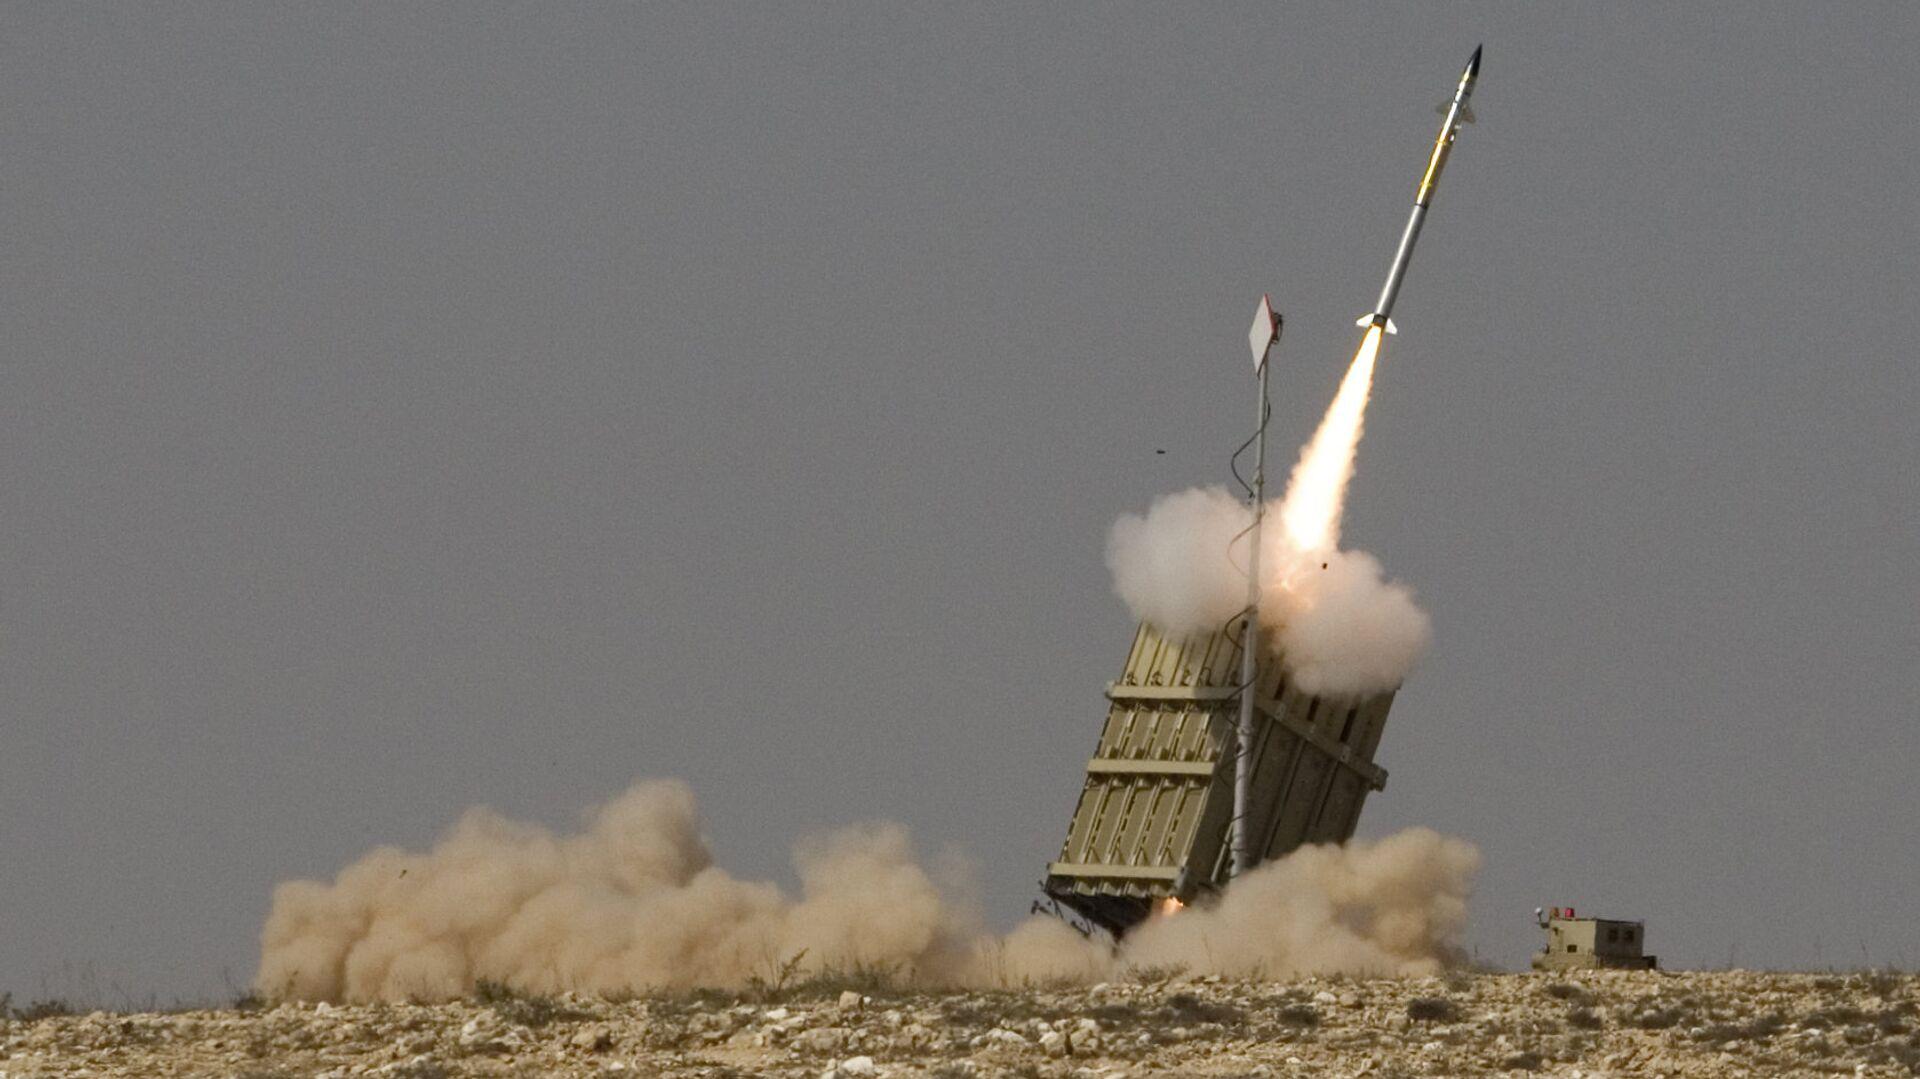 Misil lanzado por el sistema de defensa aérea israelí Cúpula de Hierro (Iron Dome) - Sputnik Mundo, 1920, 15.09.2021